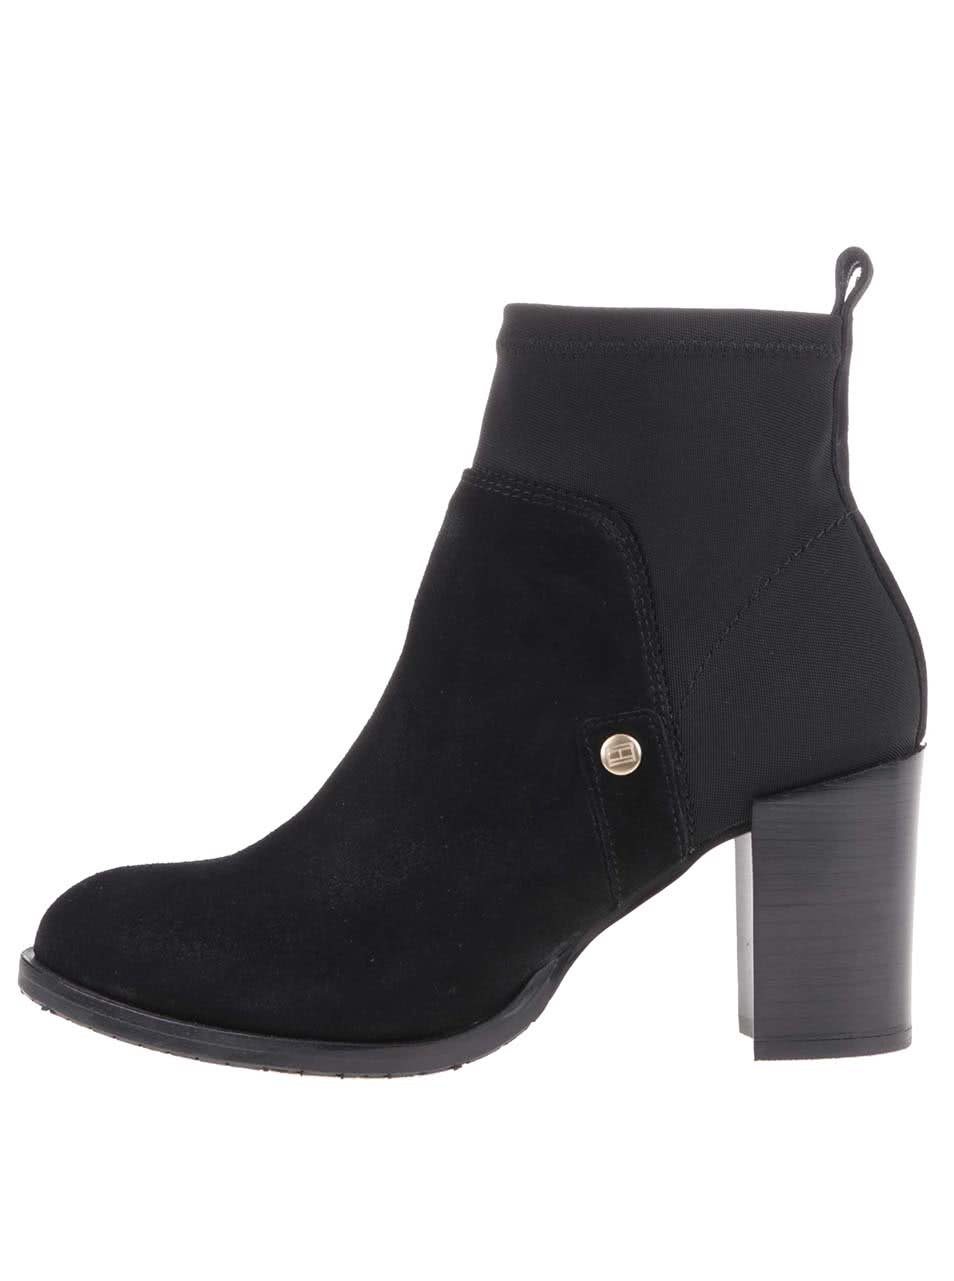 Čierne kožené členkové topánky na podpätku Tommy Hilfiger Penelope ... 568987bc3a2